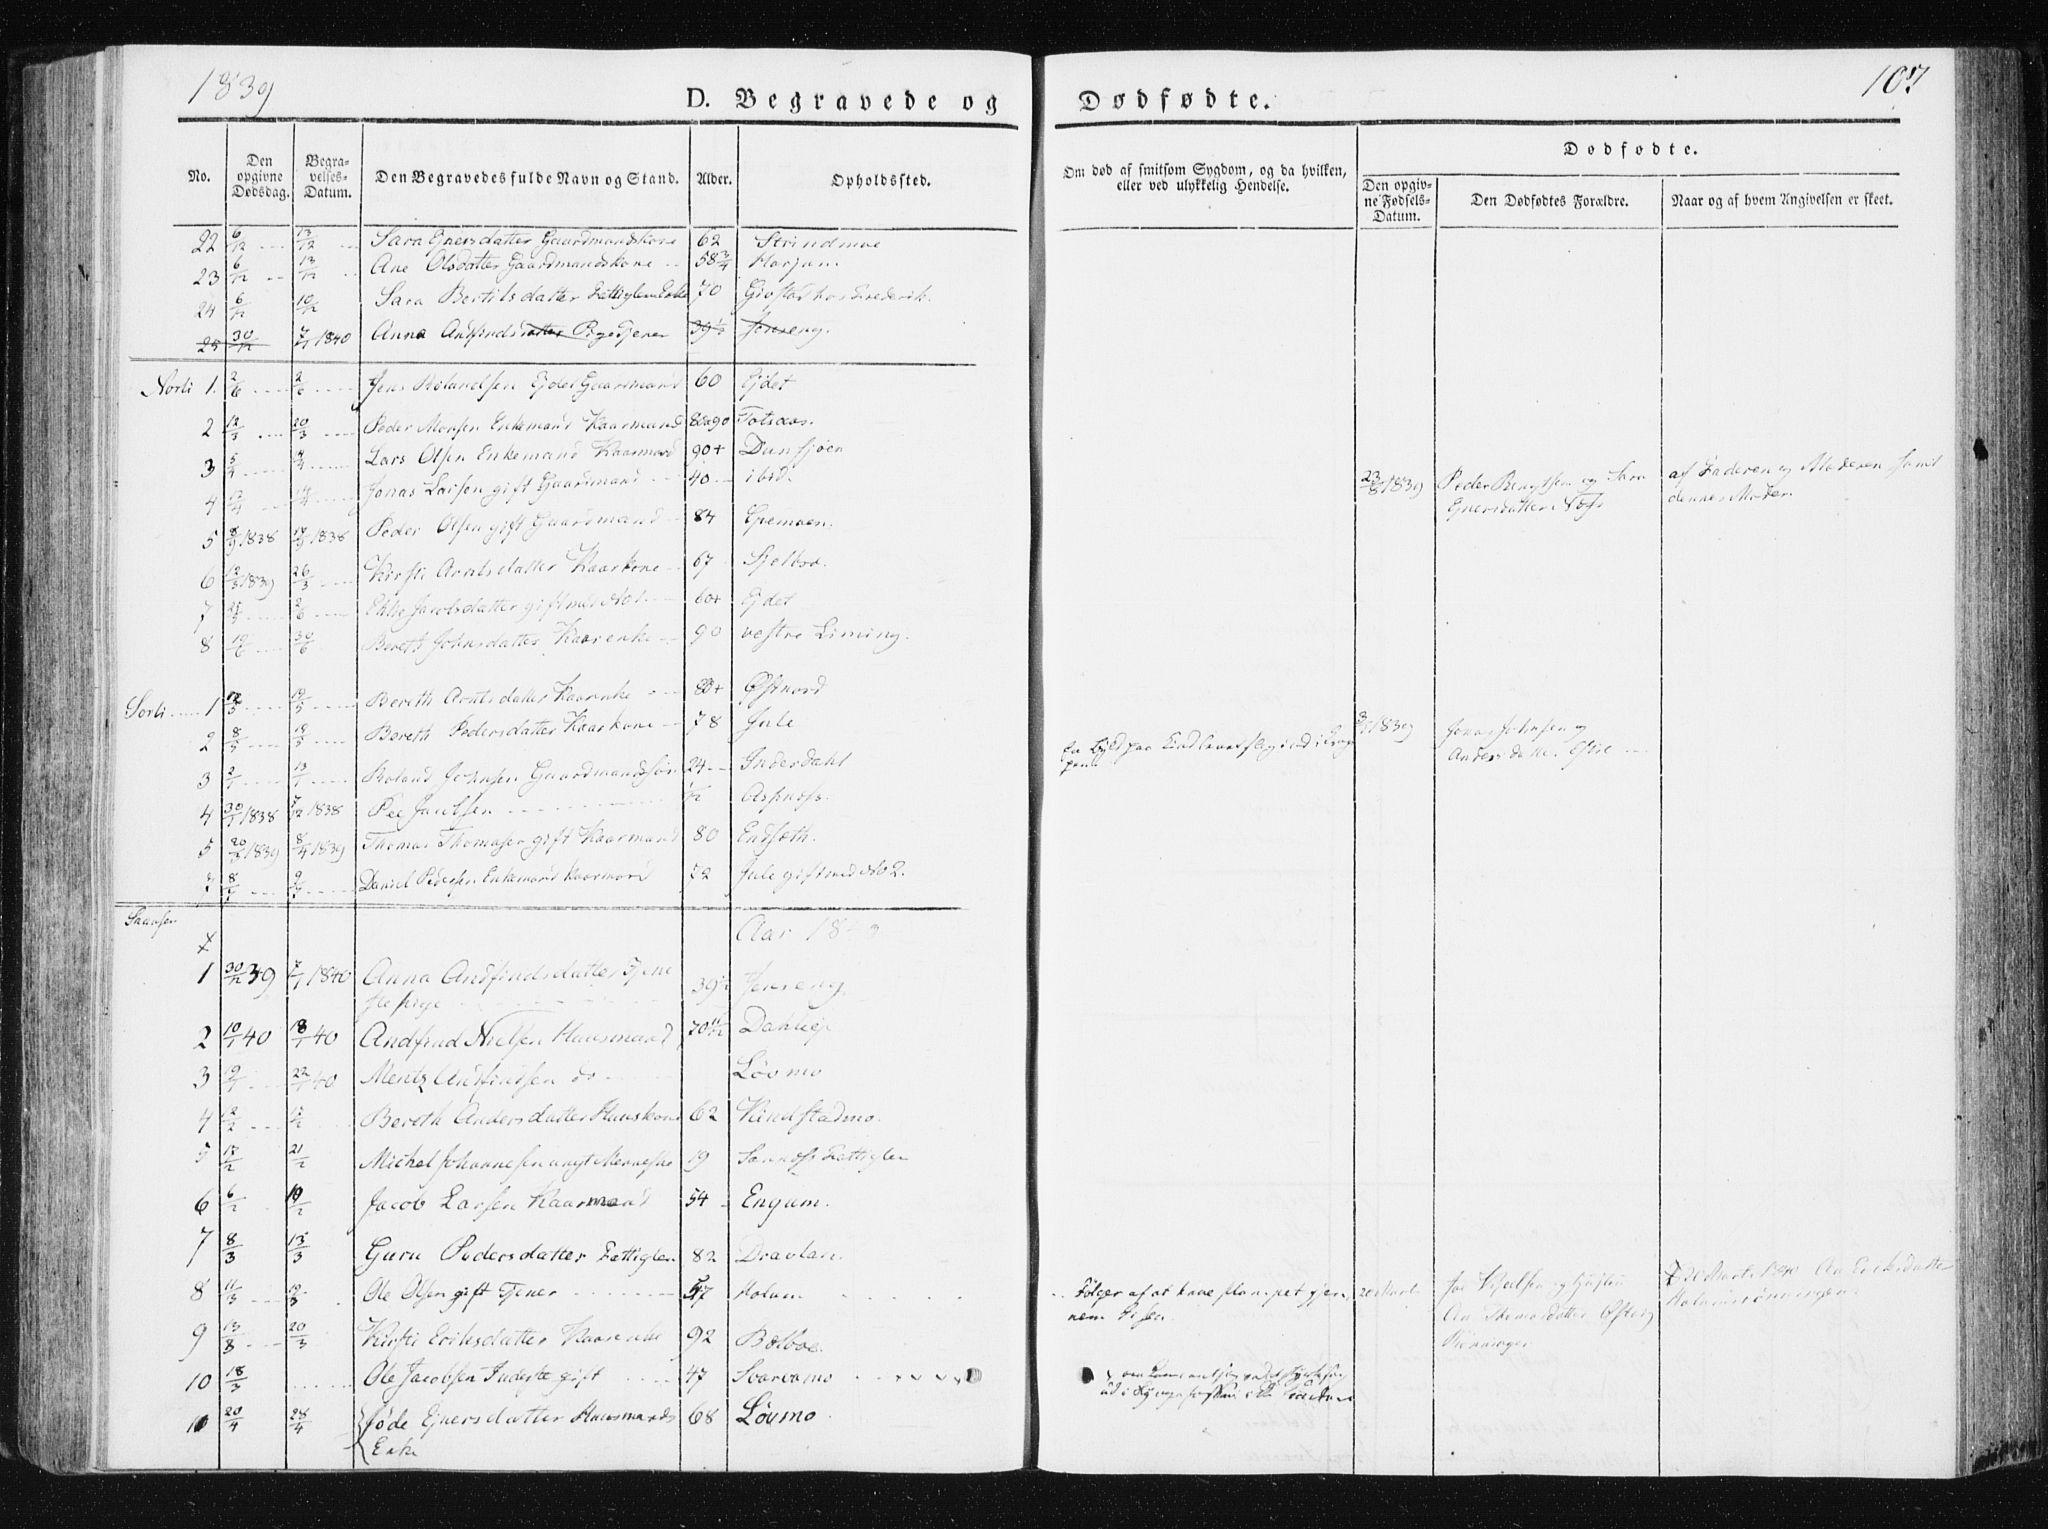 SAT, Ministerialprotokoller, klokkerbøker og fødselsregistre - Nord-Trøndelag, 749/L0470: Ministerialbok nr. 749A04, 1834-1853, s. 107